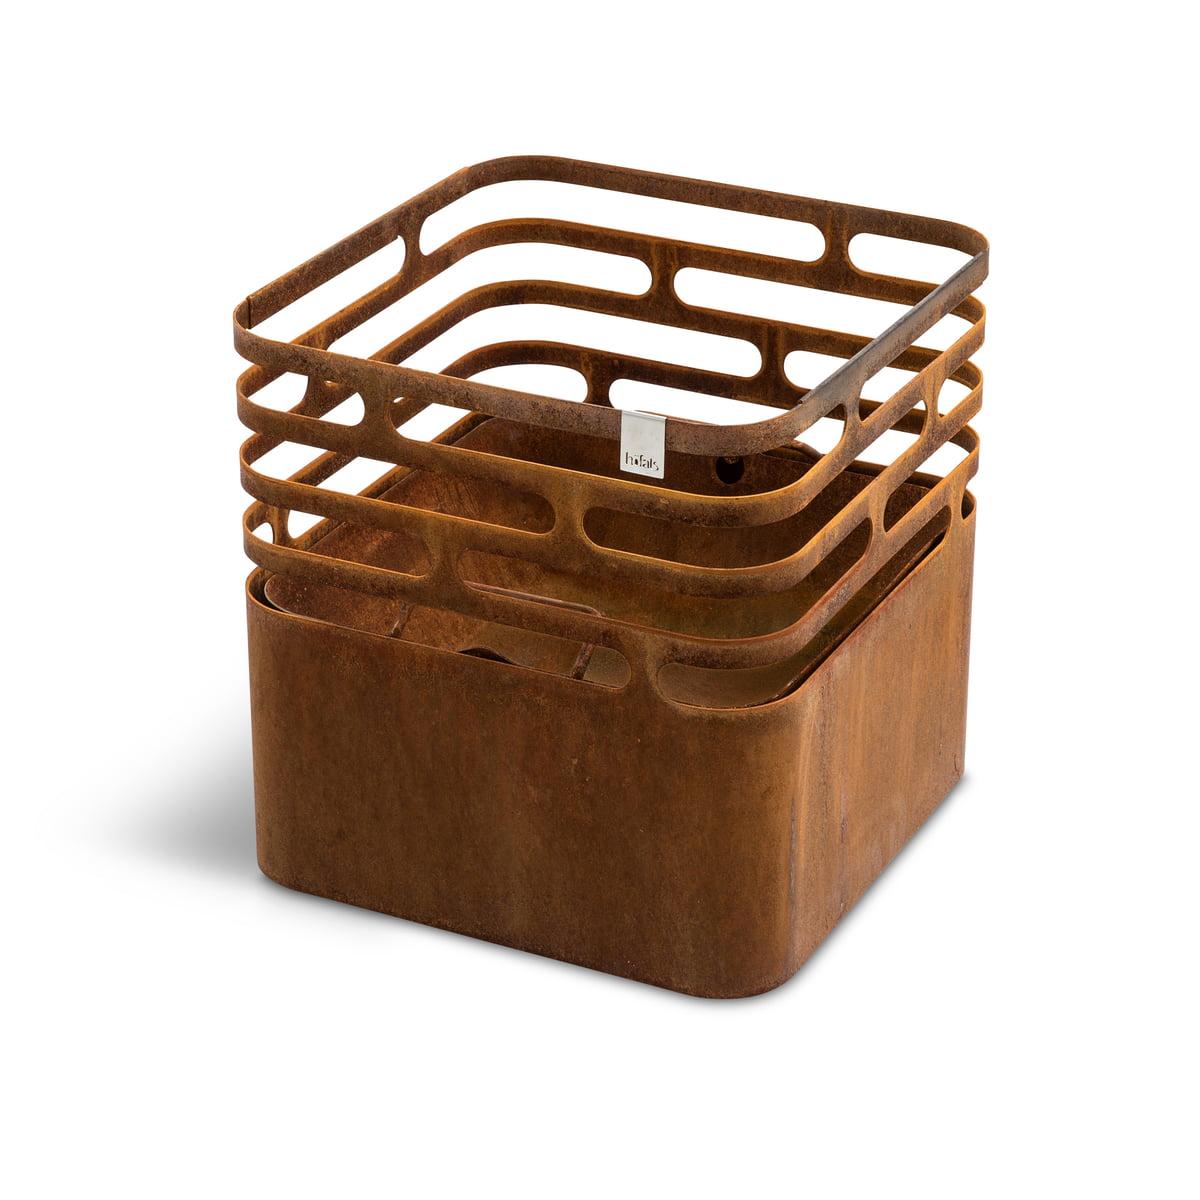 höfats - Cube Feuerkorb, Rostoptik | Garten > Grill und Zubehör > Feürstellen | Rostbraun | Korpus: stahl pulverbeschichtet -  feuerschale: edelstahl | Höfats